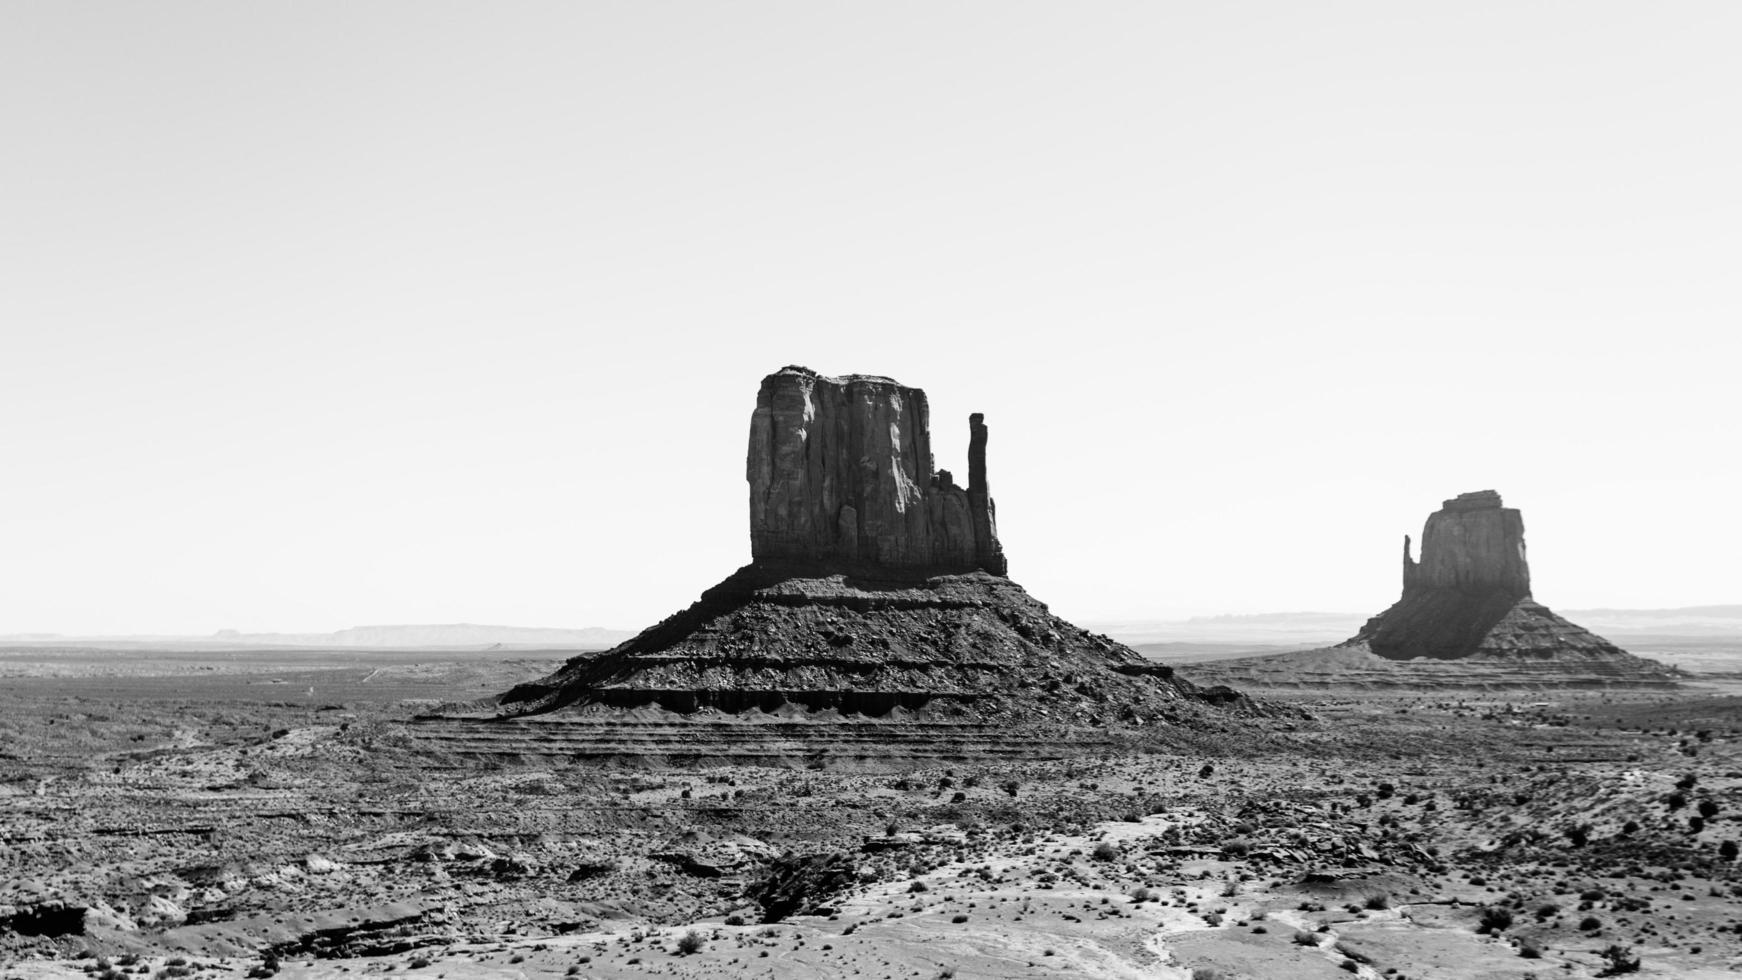 deux, mitaines, monument, vallée, az photo